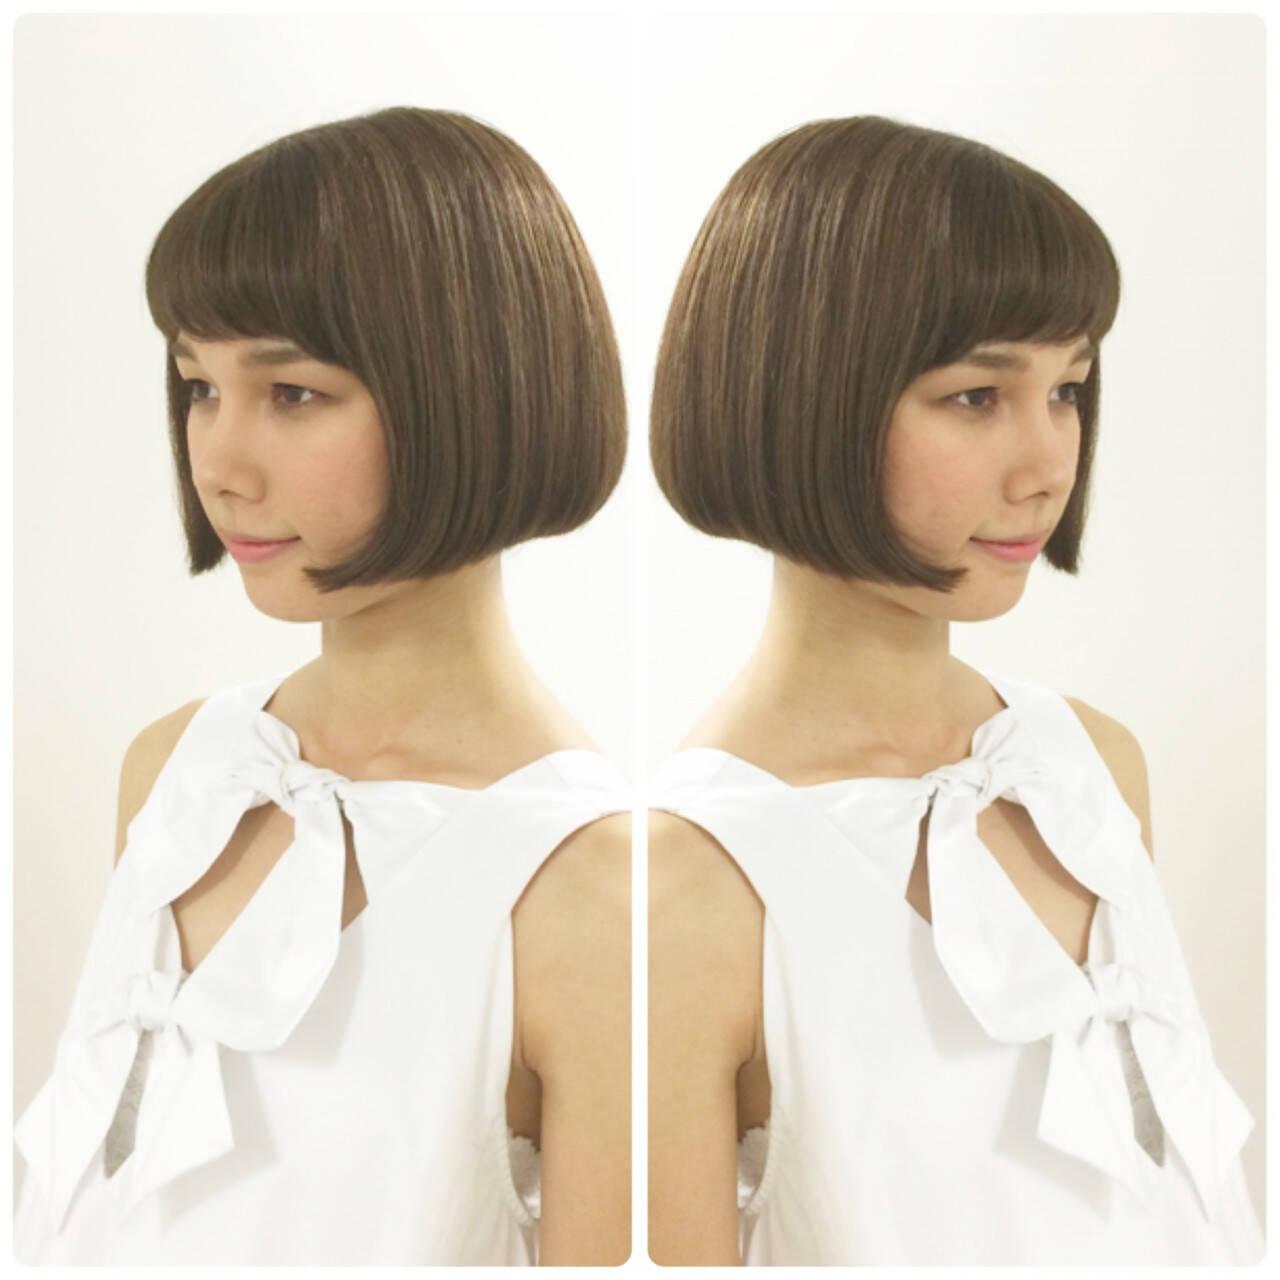 ショートバング ナチュラル ボブ ラインショートヘアスタイルや髪型の写真・画像